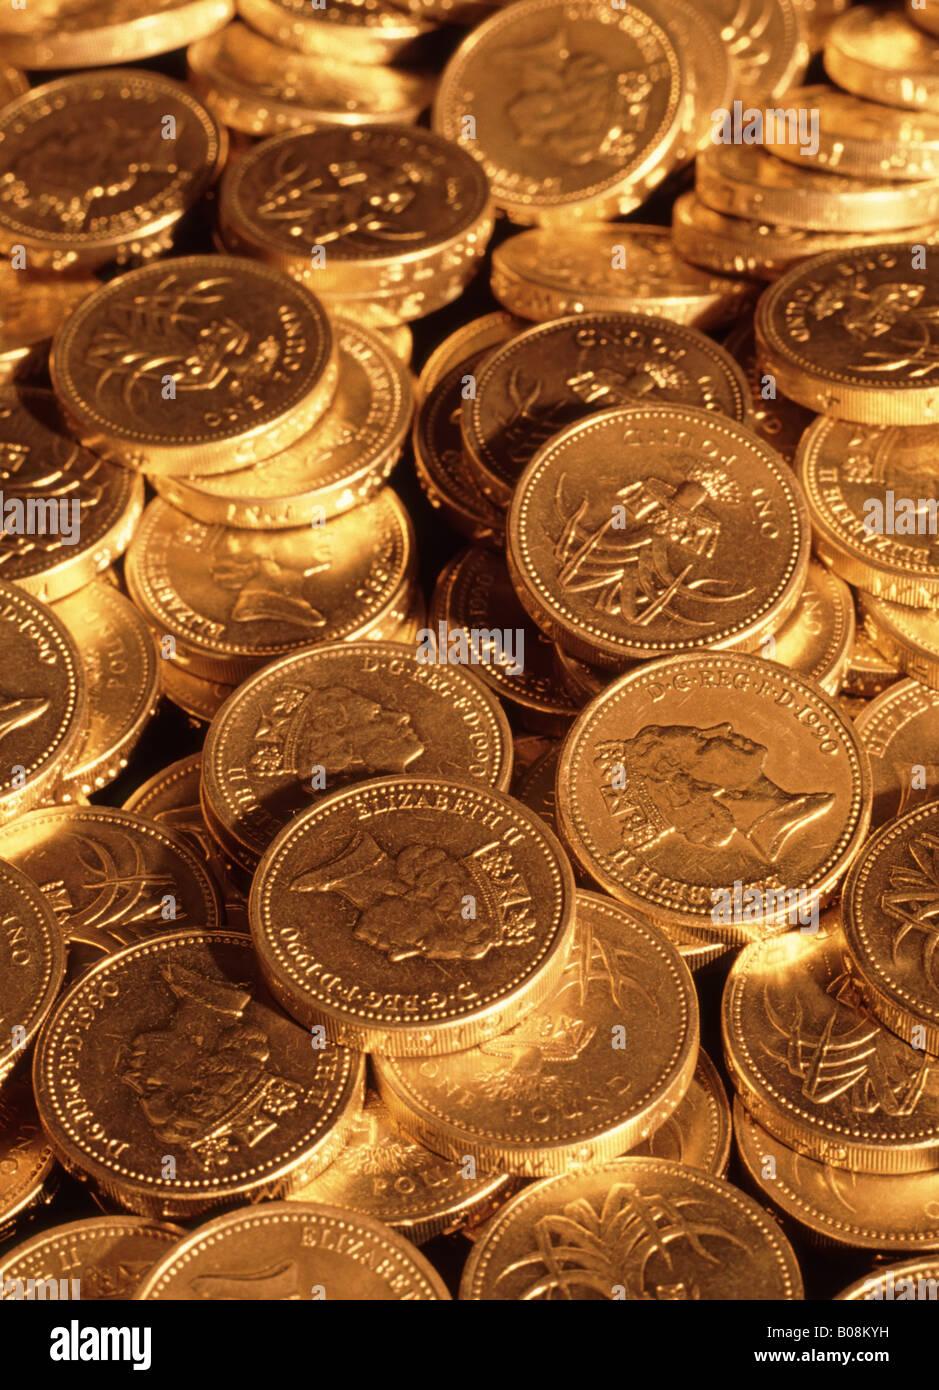 Libra esterlina monedas bajo la iluminación de oro (moneda de curso legal en Inglaterra, Escocia, Gales) Imagen De Stock